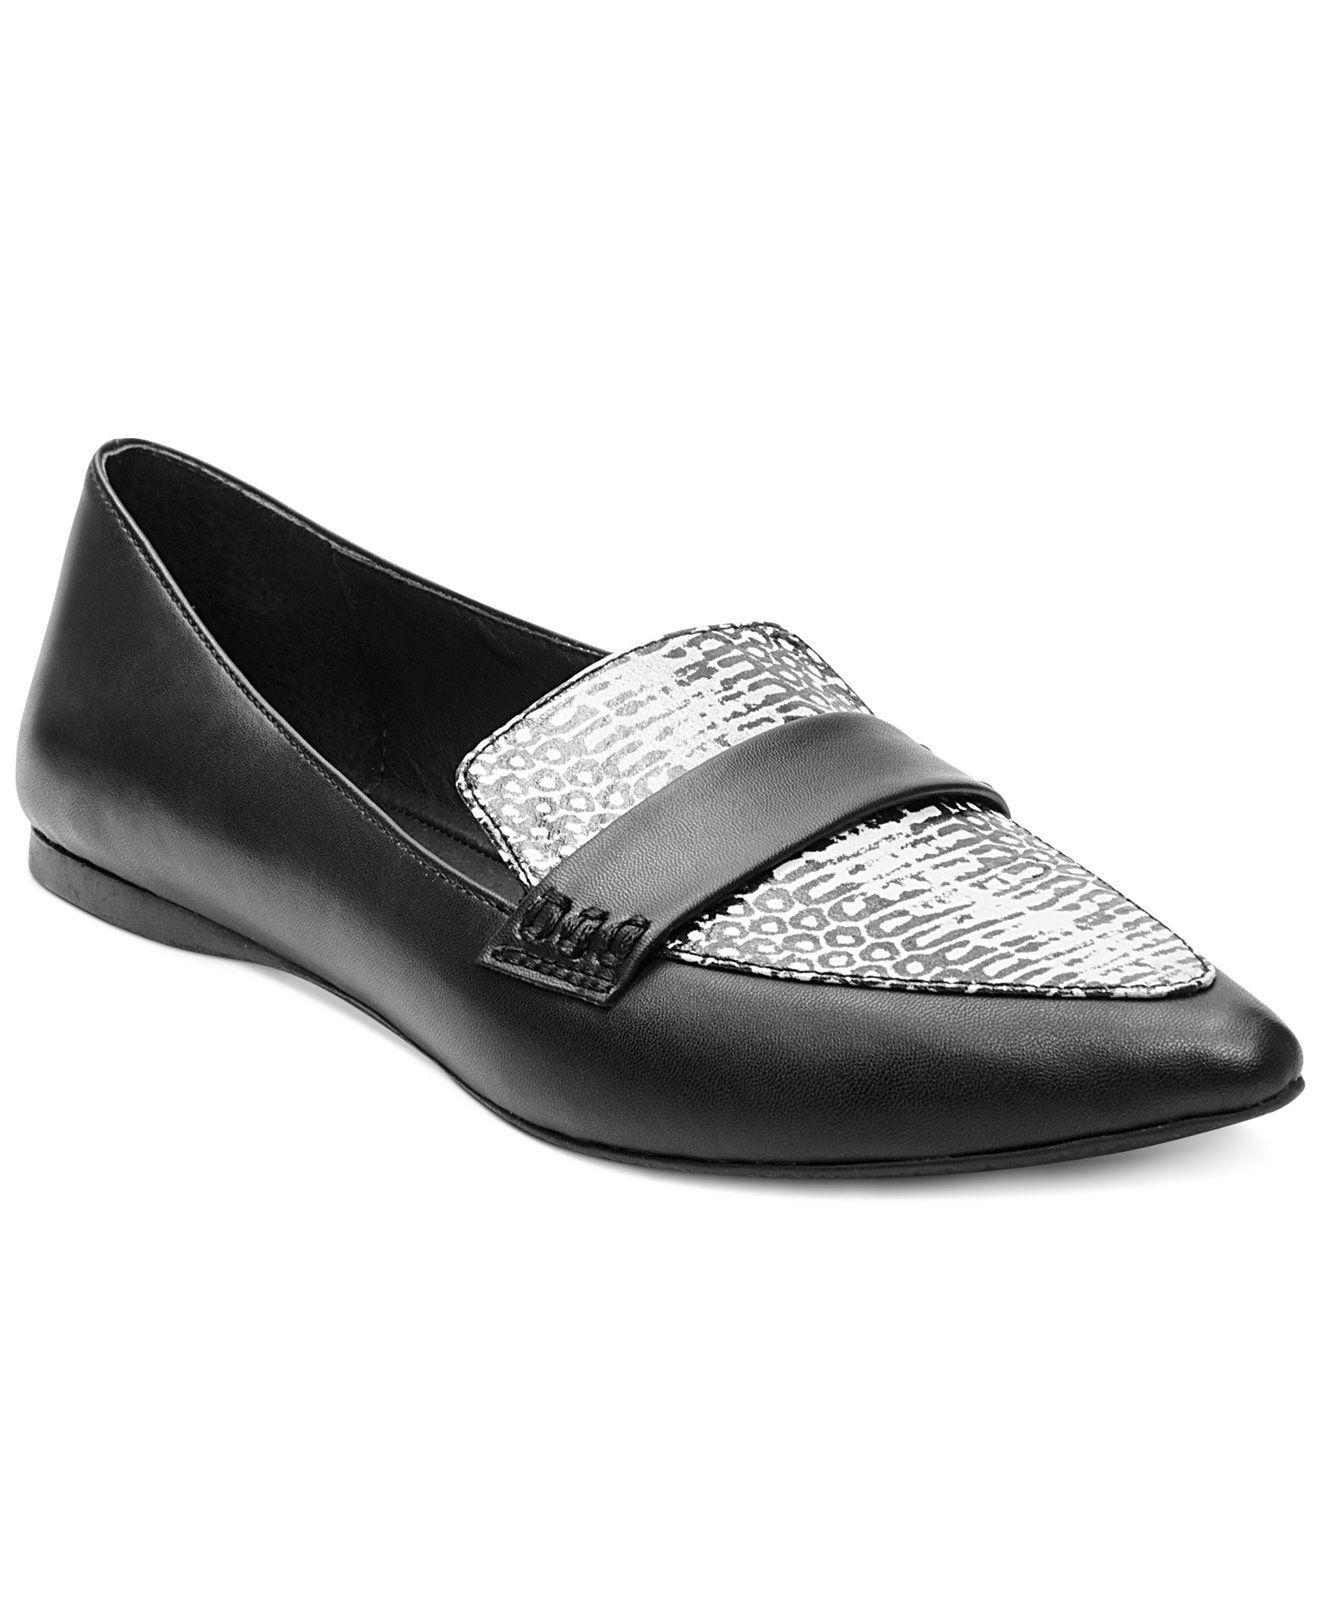 Steve Madden Erosion Flats - Flats - Shoes - Macy's